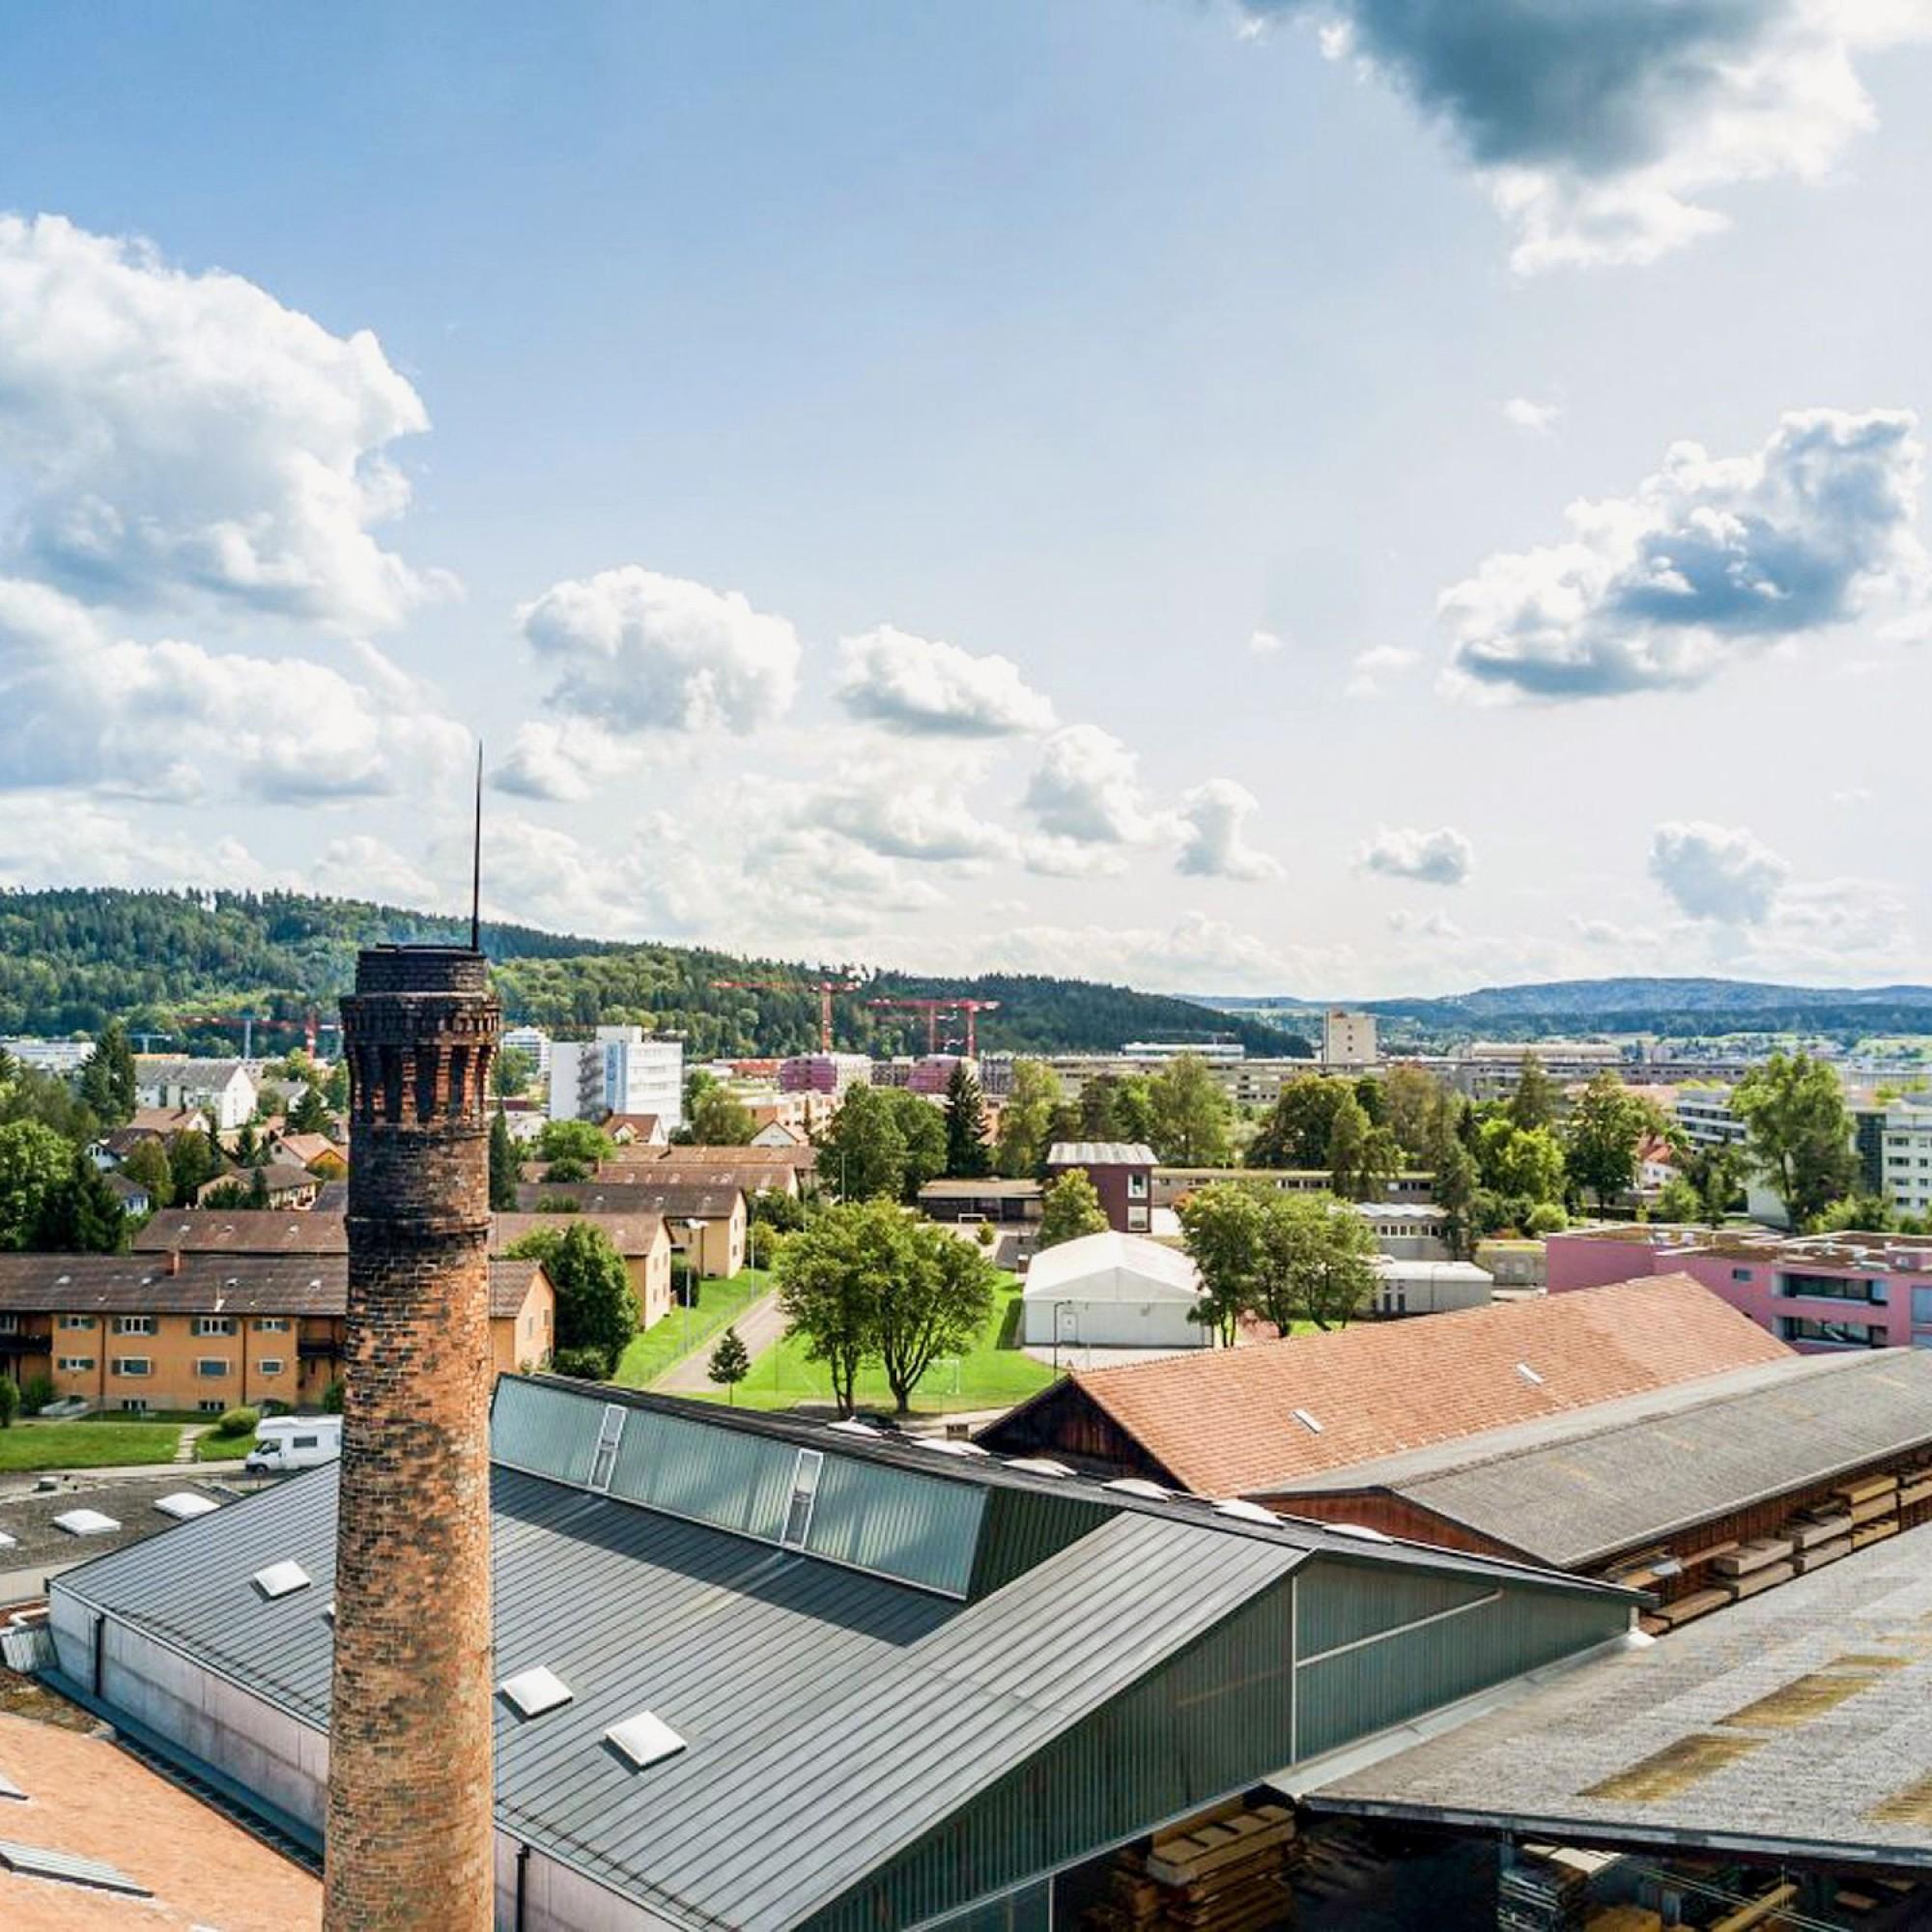 Auf dem Areal eines ehemaligen Hobelwerkes in Winterthur sind fünf Wohnhäuser geplant.